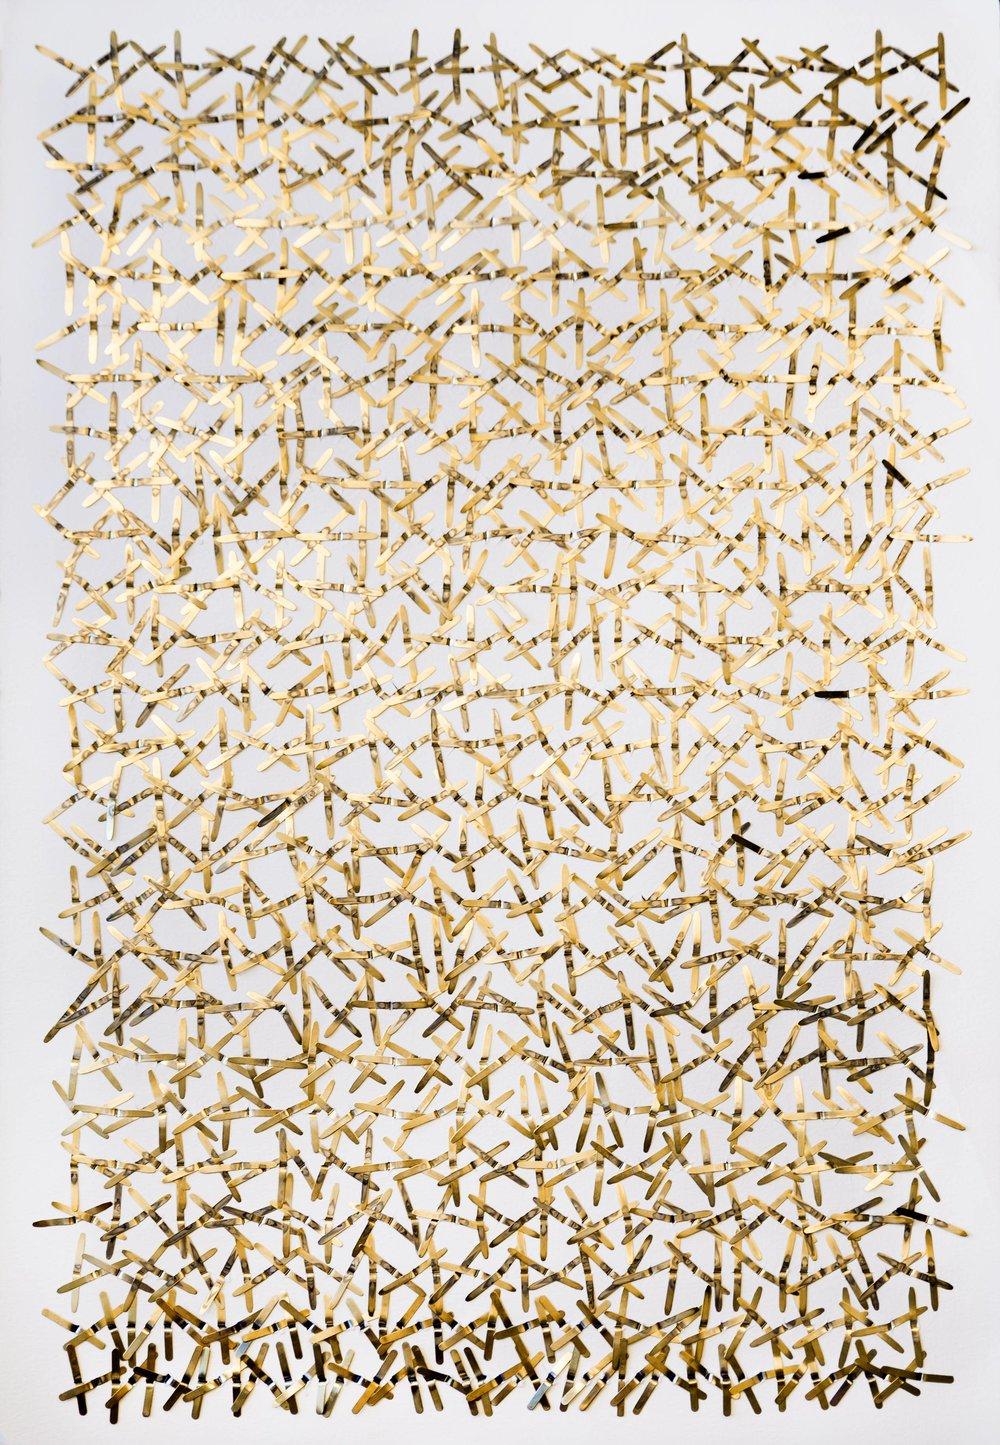 Synapses - Papier et laiton37 x 56 cm2018Pièce unique